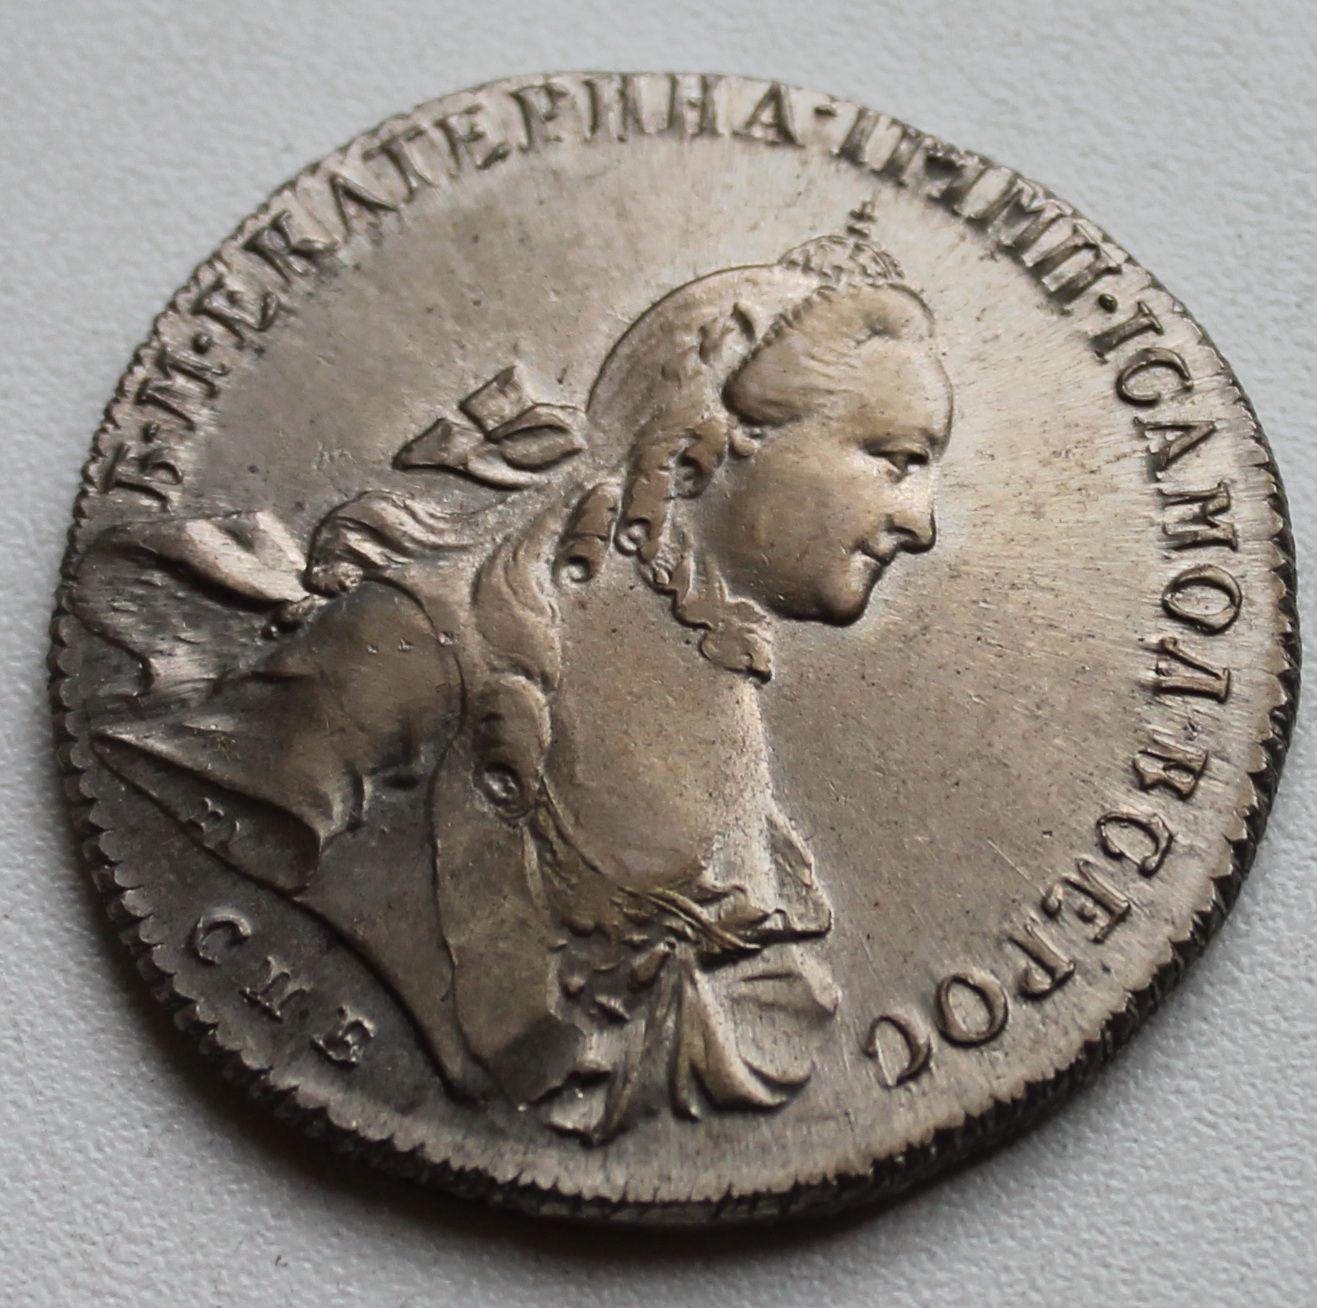 1 РУБЛЬ 1765 СПБ-ЯI КОПИЯ